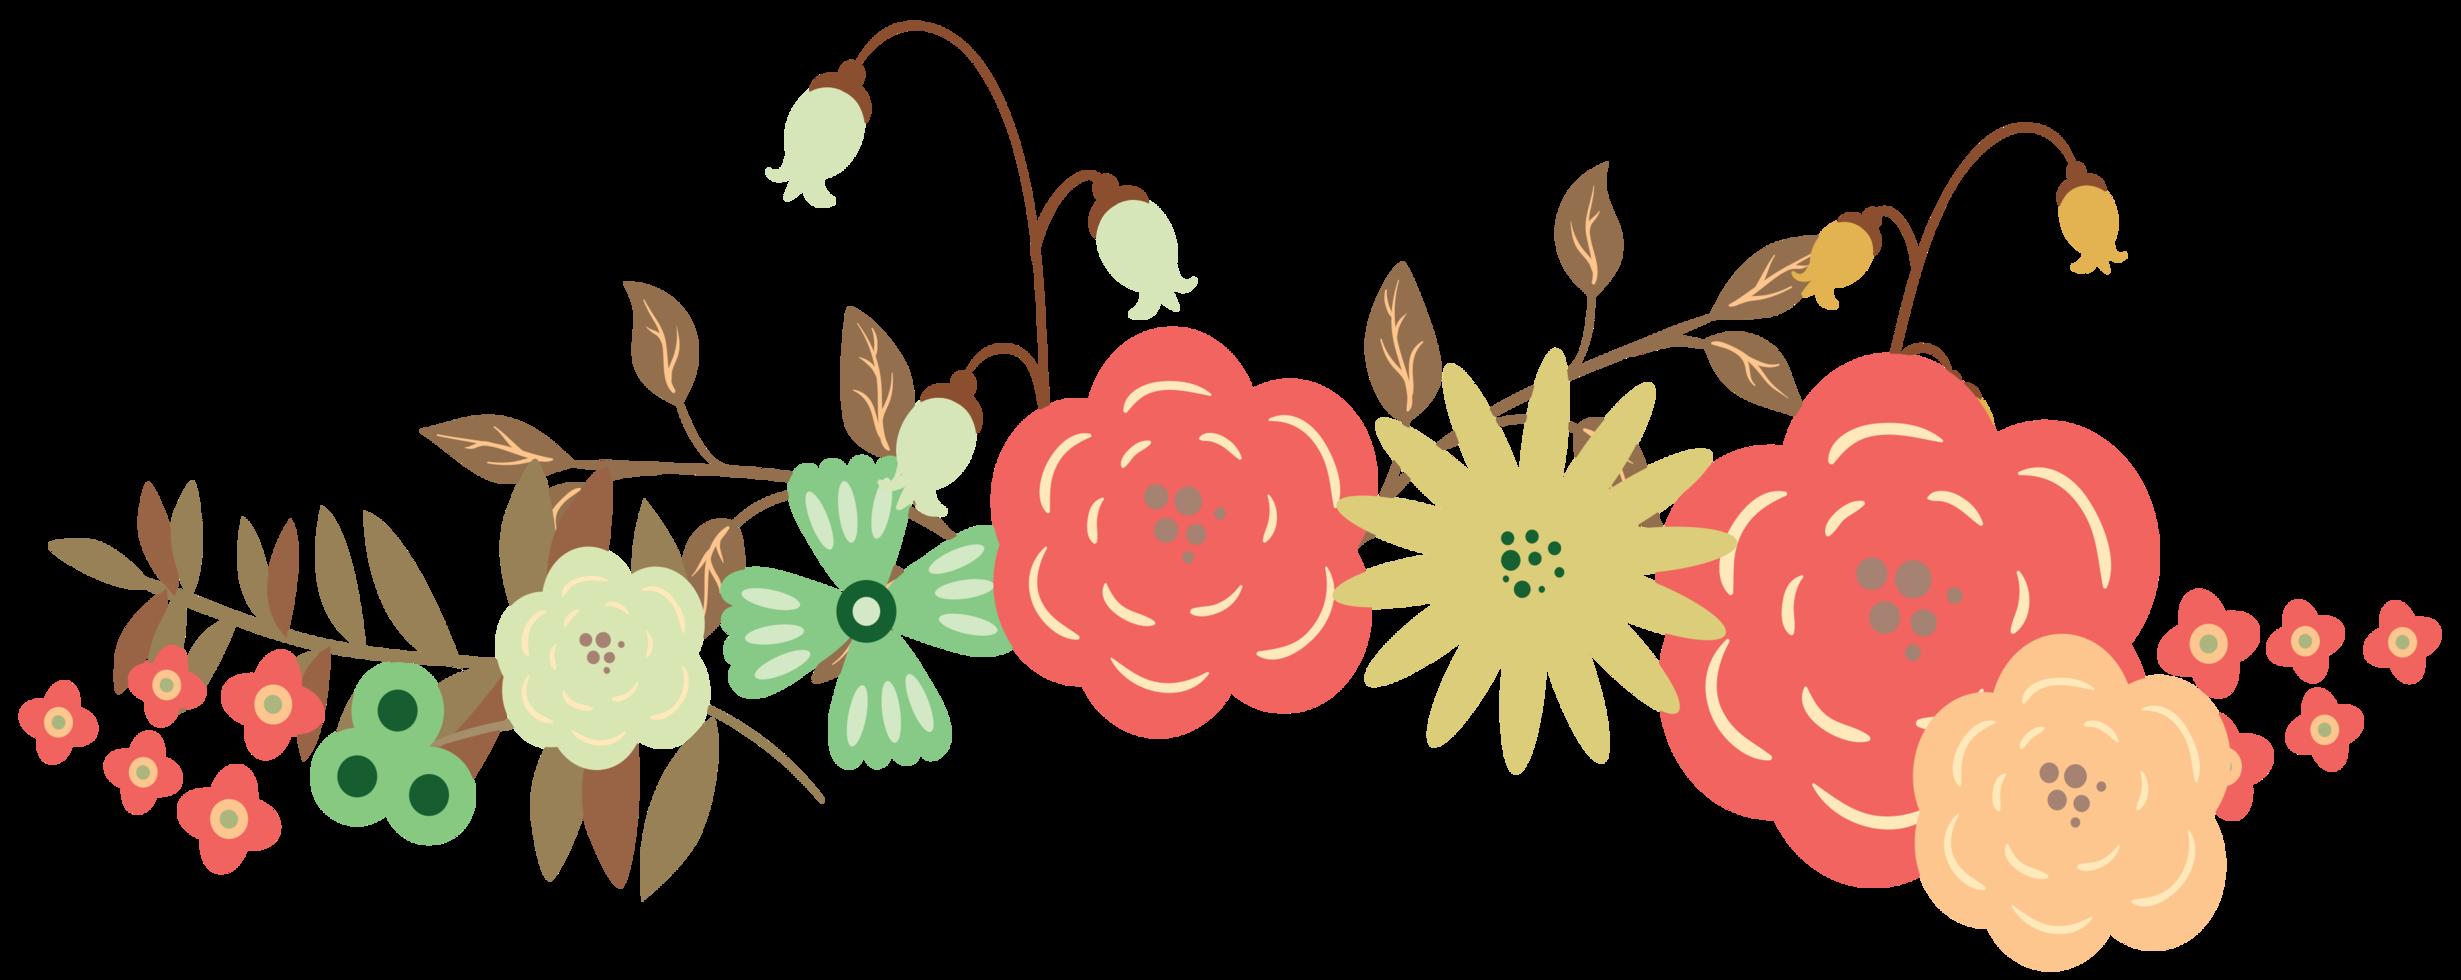 een boeket bloemen png